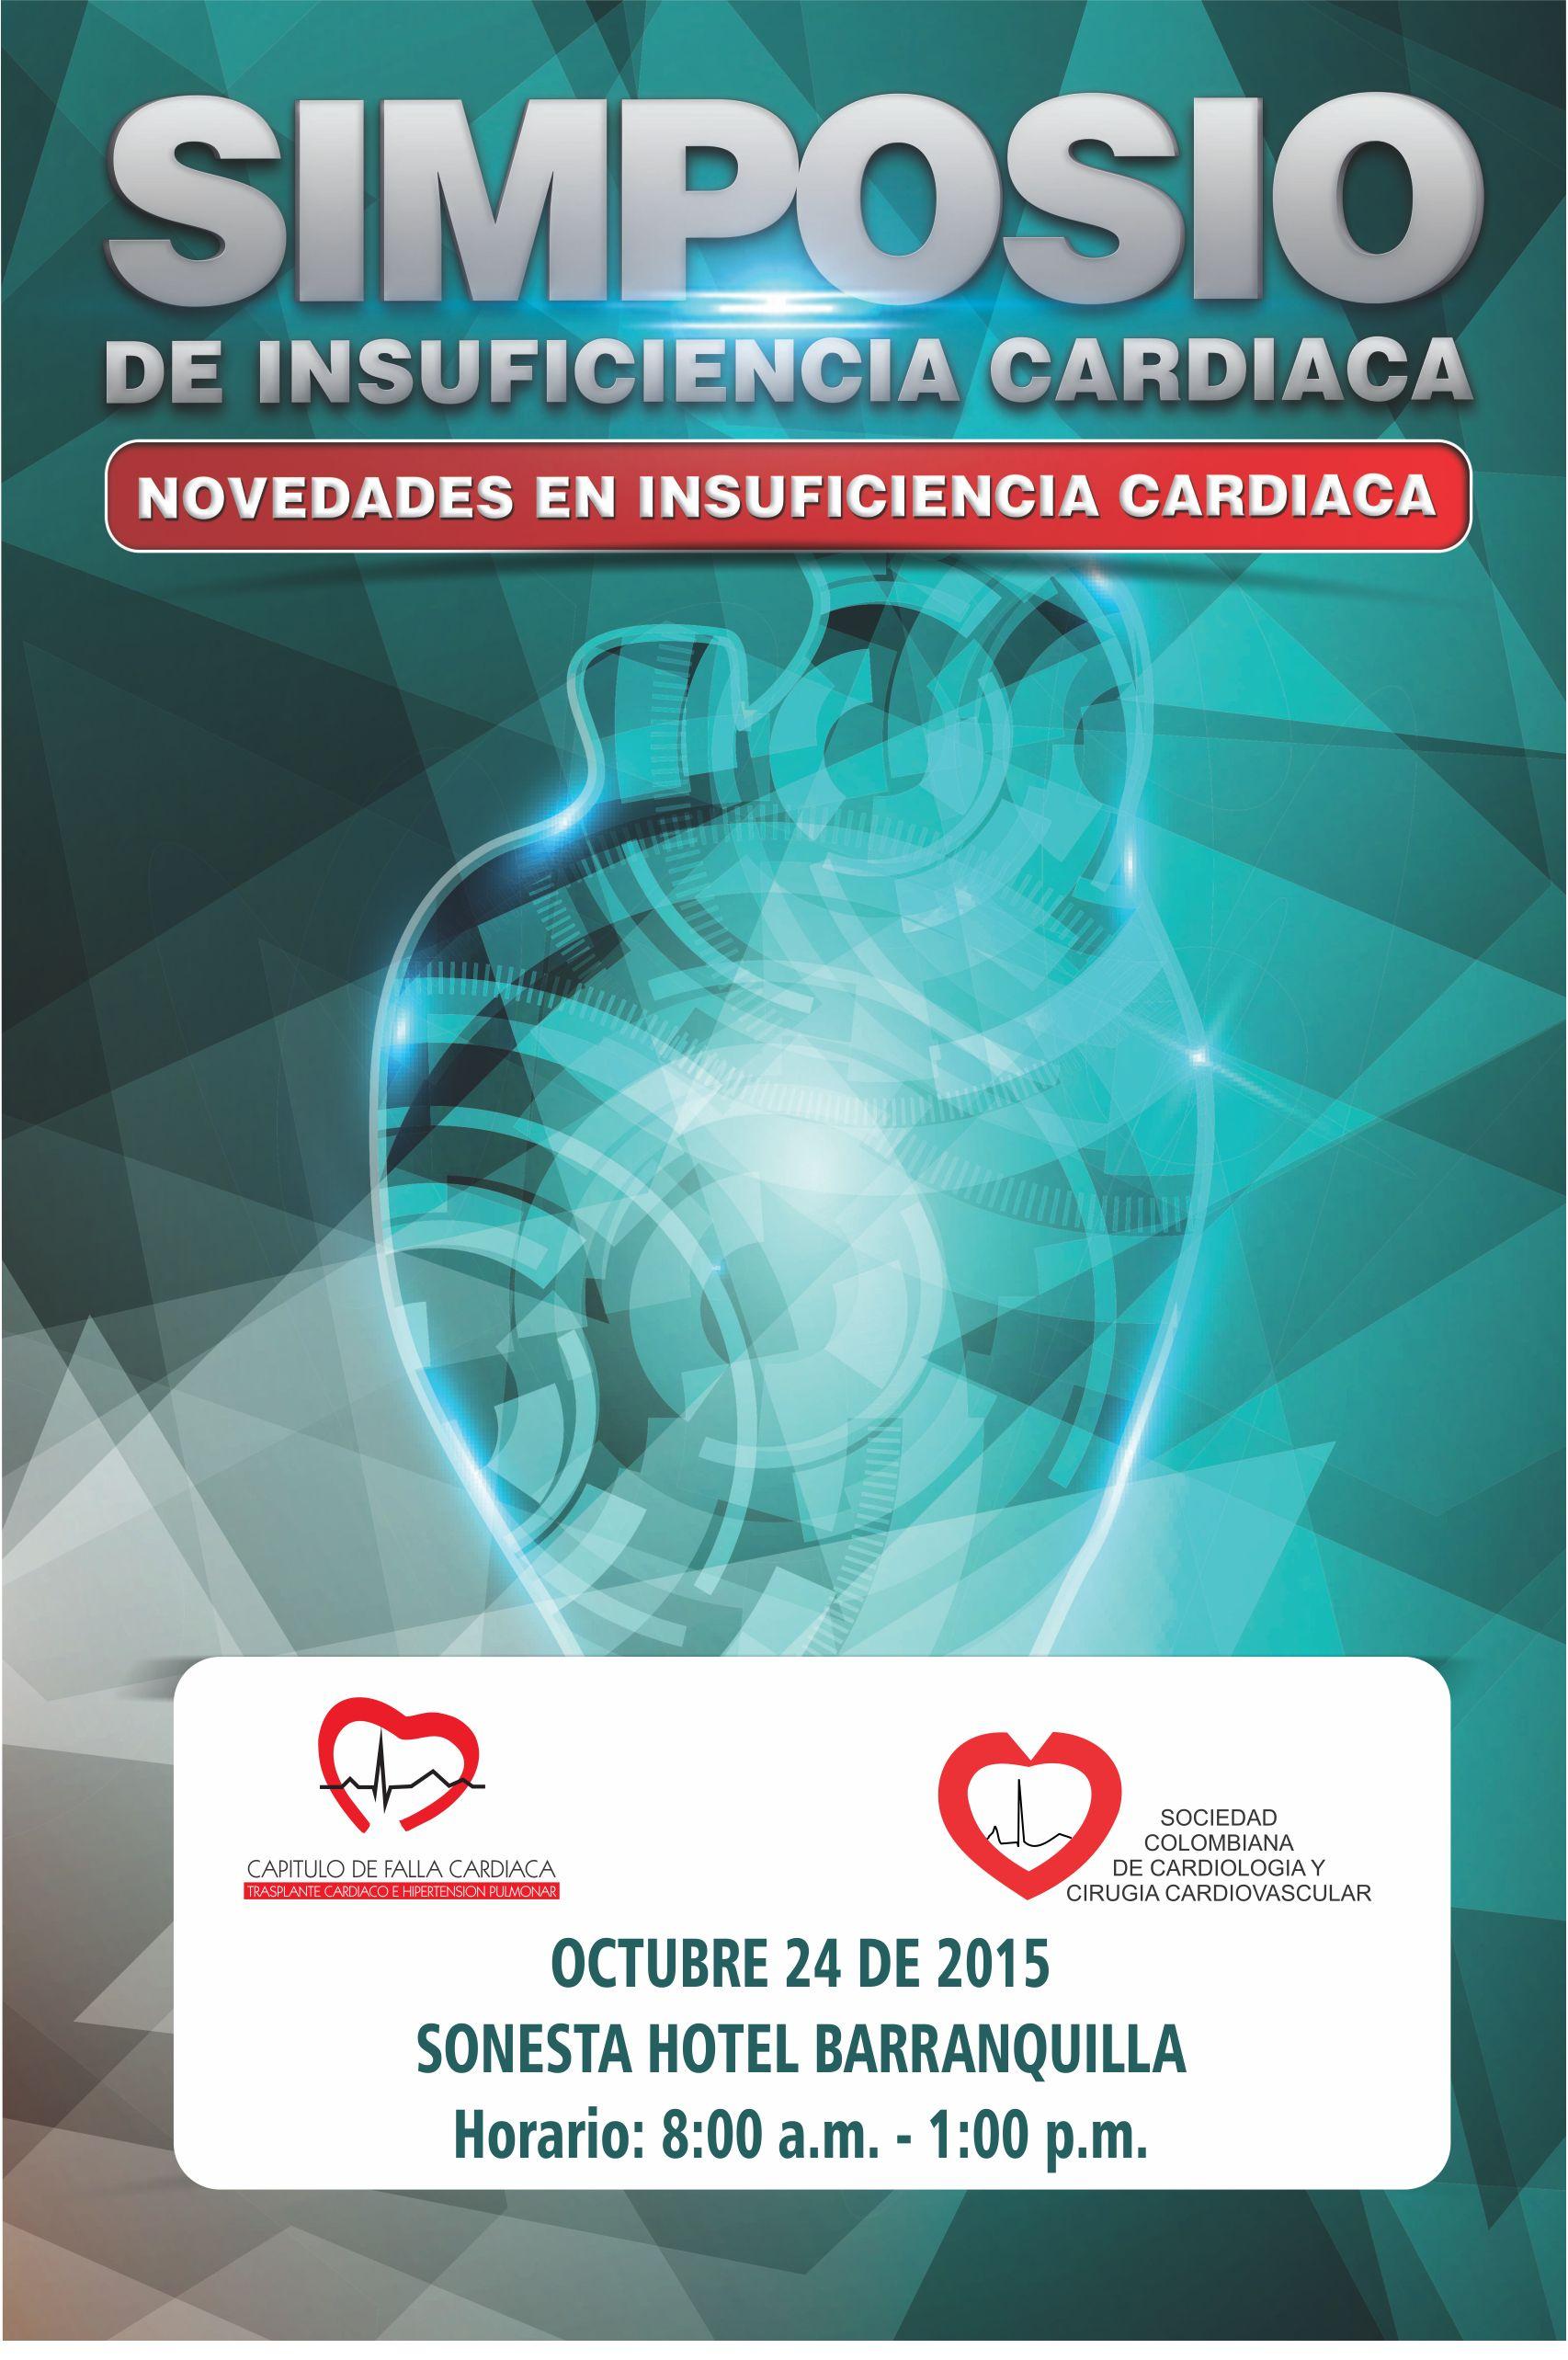 Simposio de Insuficiencia Cardíaca / Novedades en Insuficiencia Cardíaca   @ Sonesta Hotel /Barranquilla